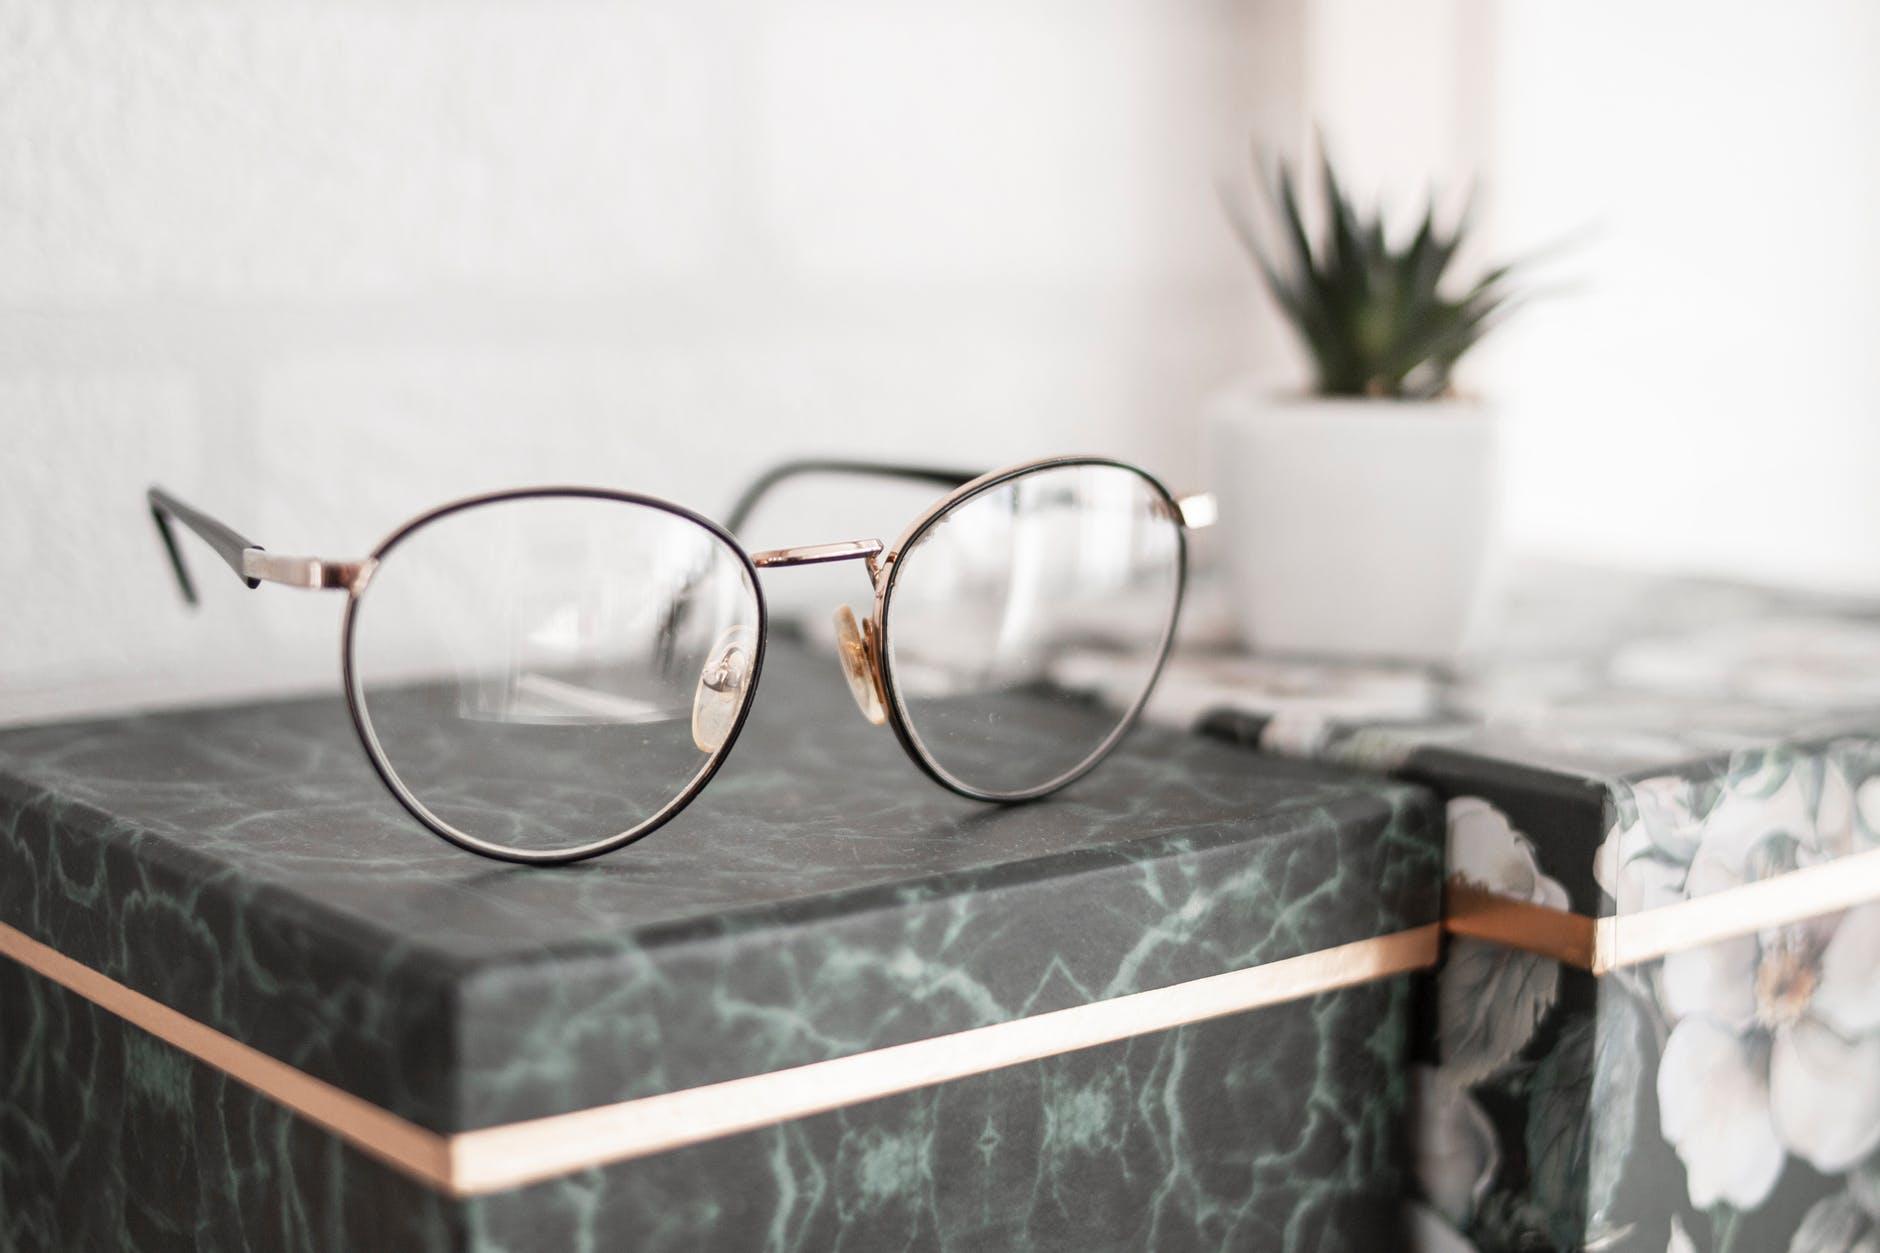 gray framed eyeglasses on black surface